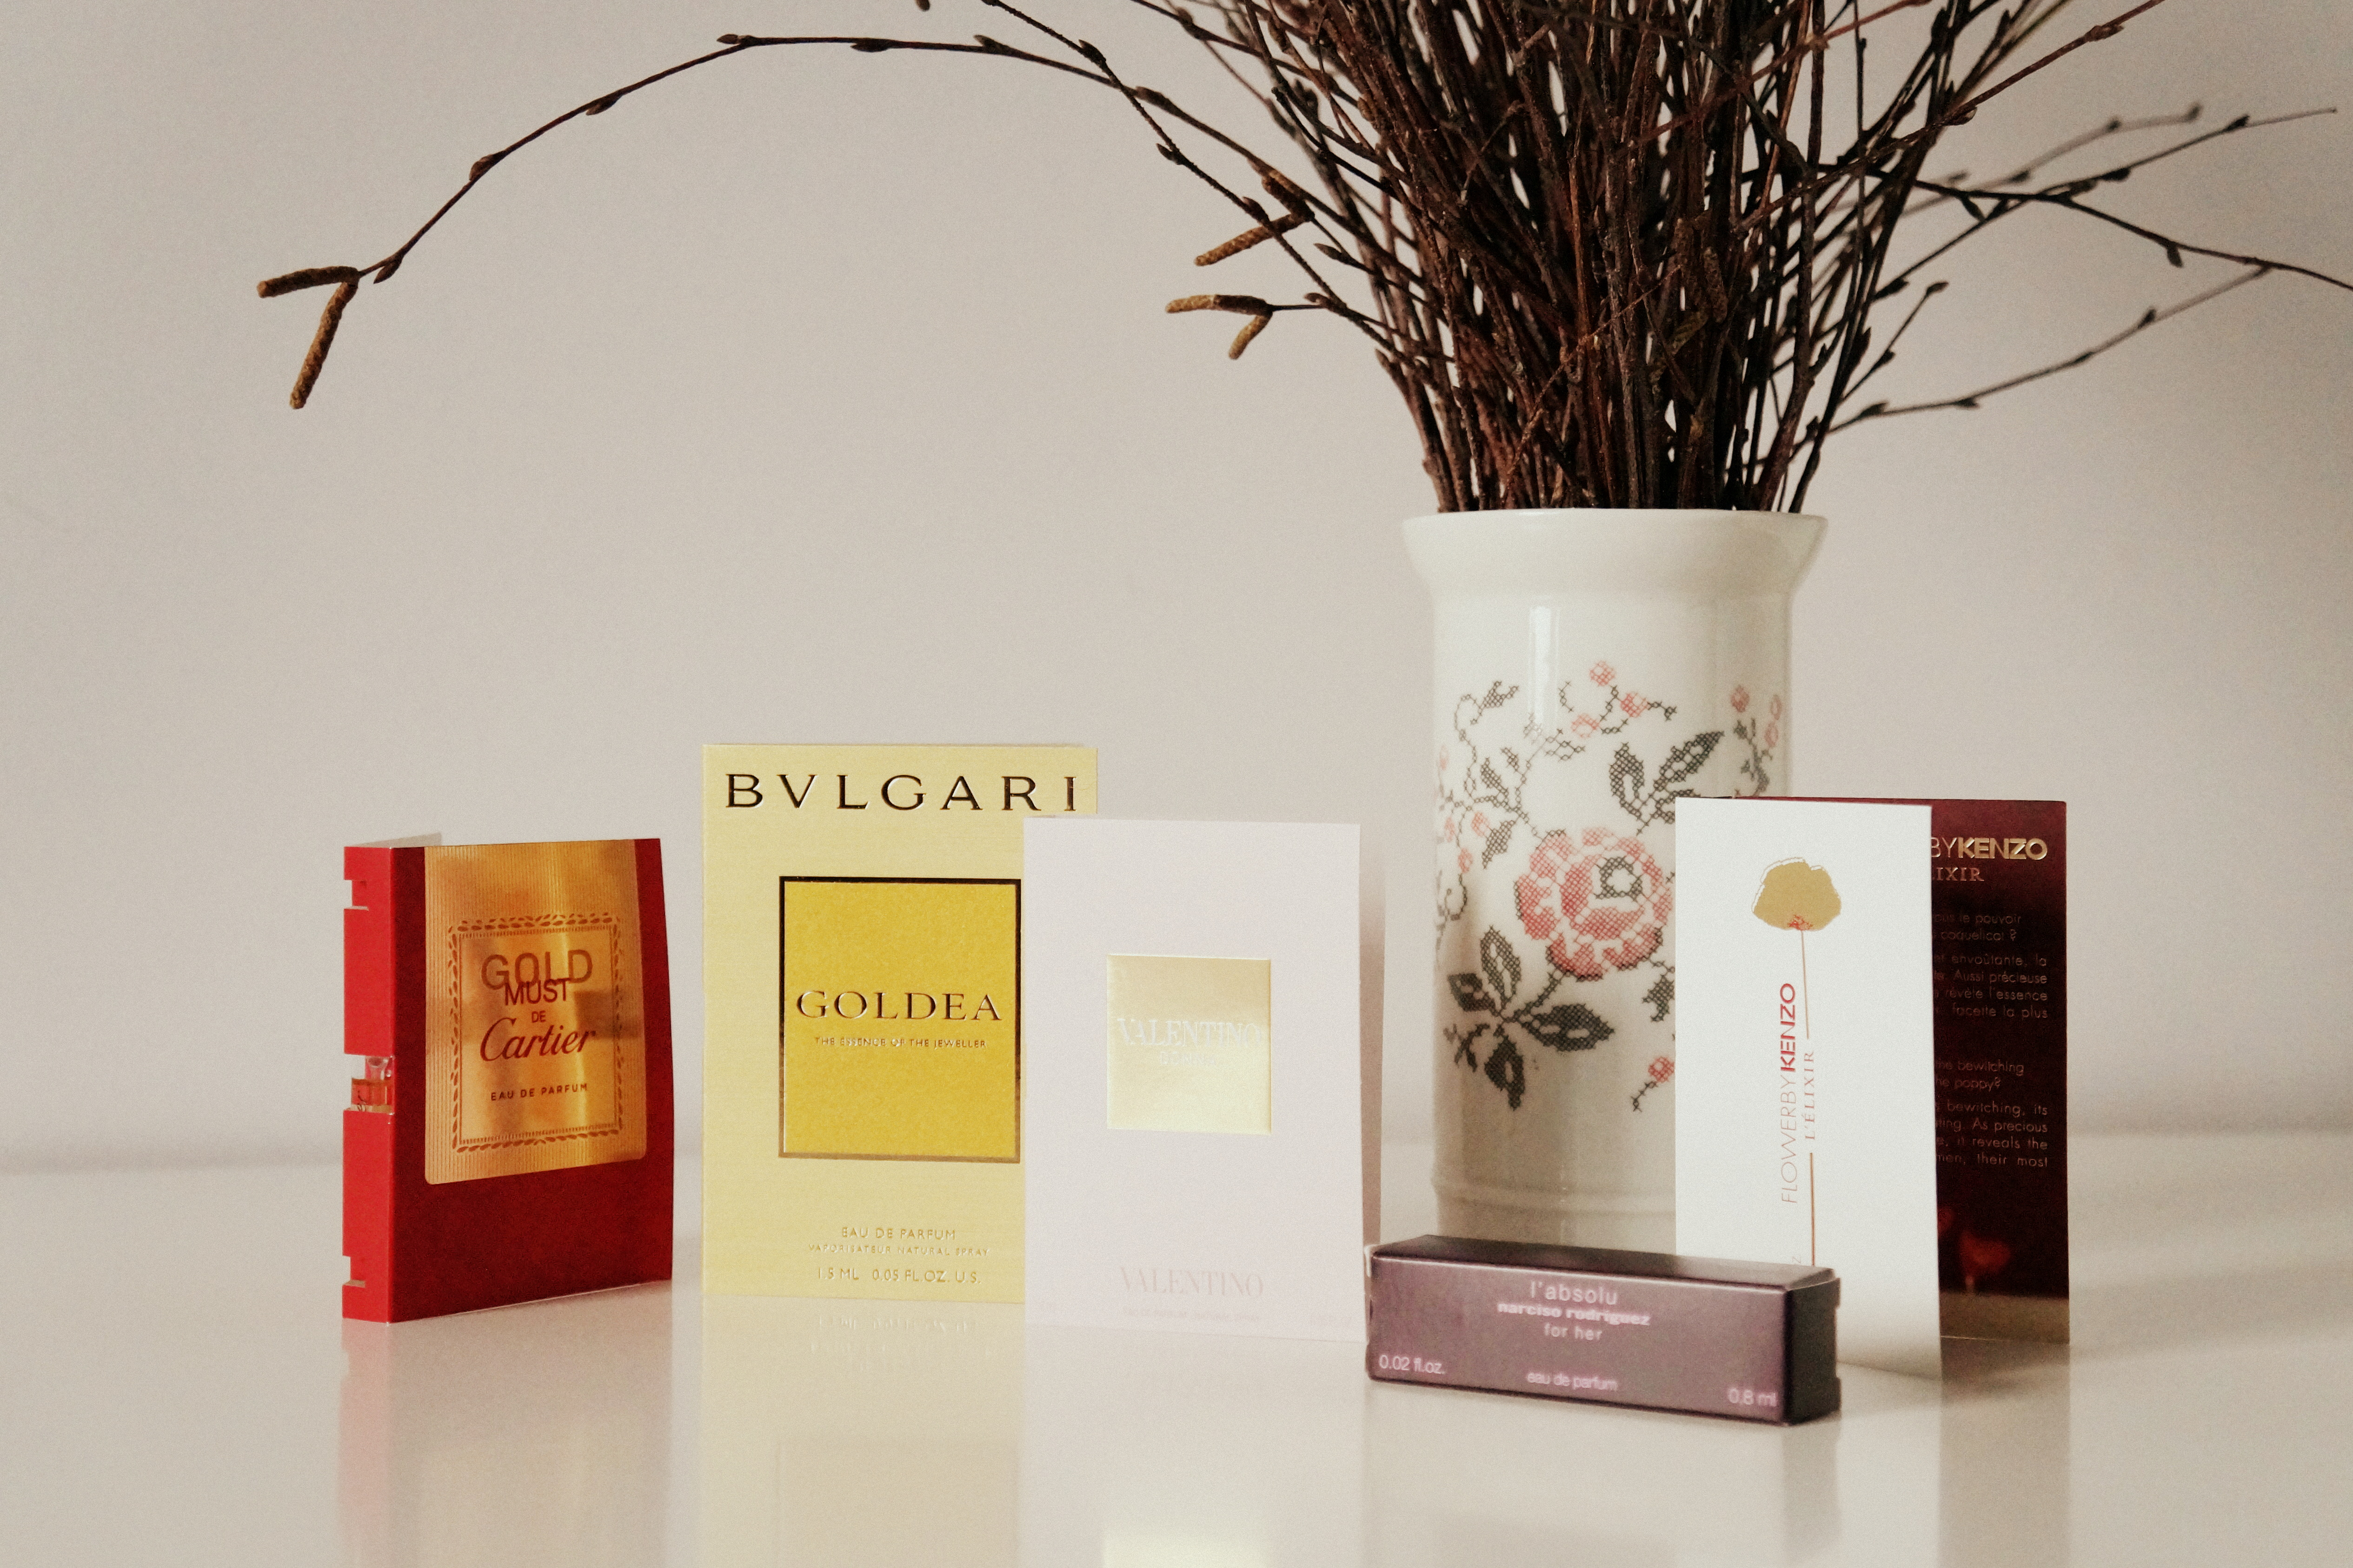 zauroczenia perfumowe 25 samples edpholiczka